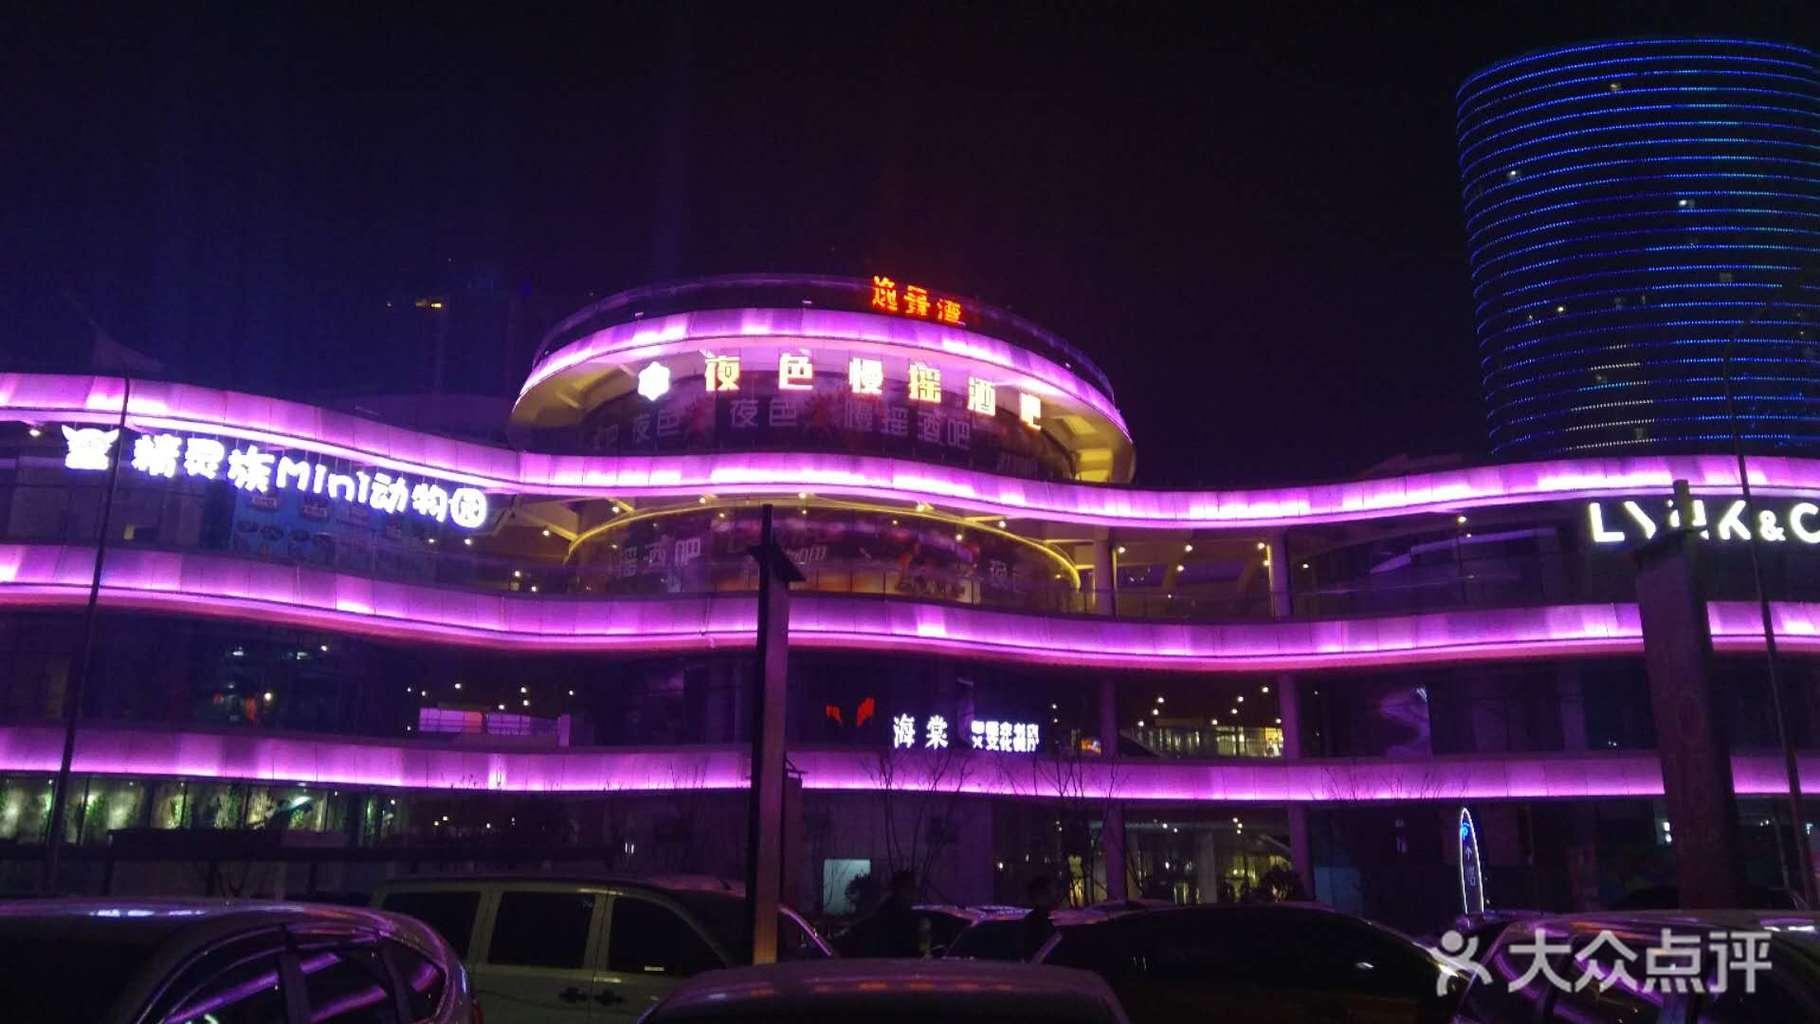 【夜色酒吧团购】-大众点评网团购青岛站